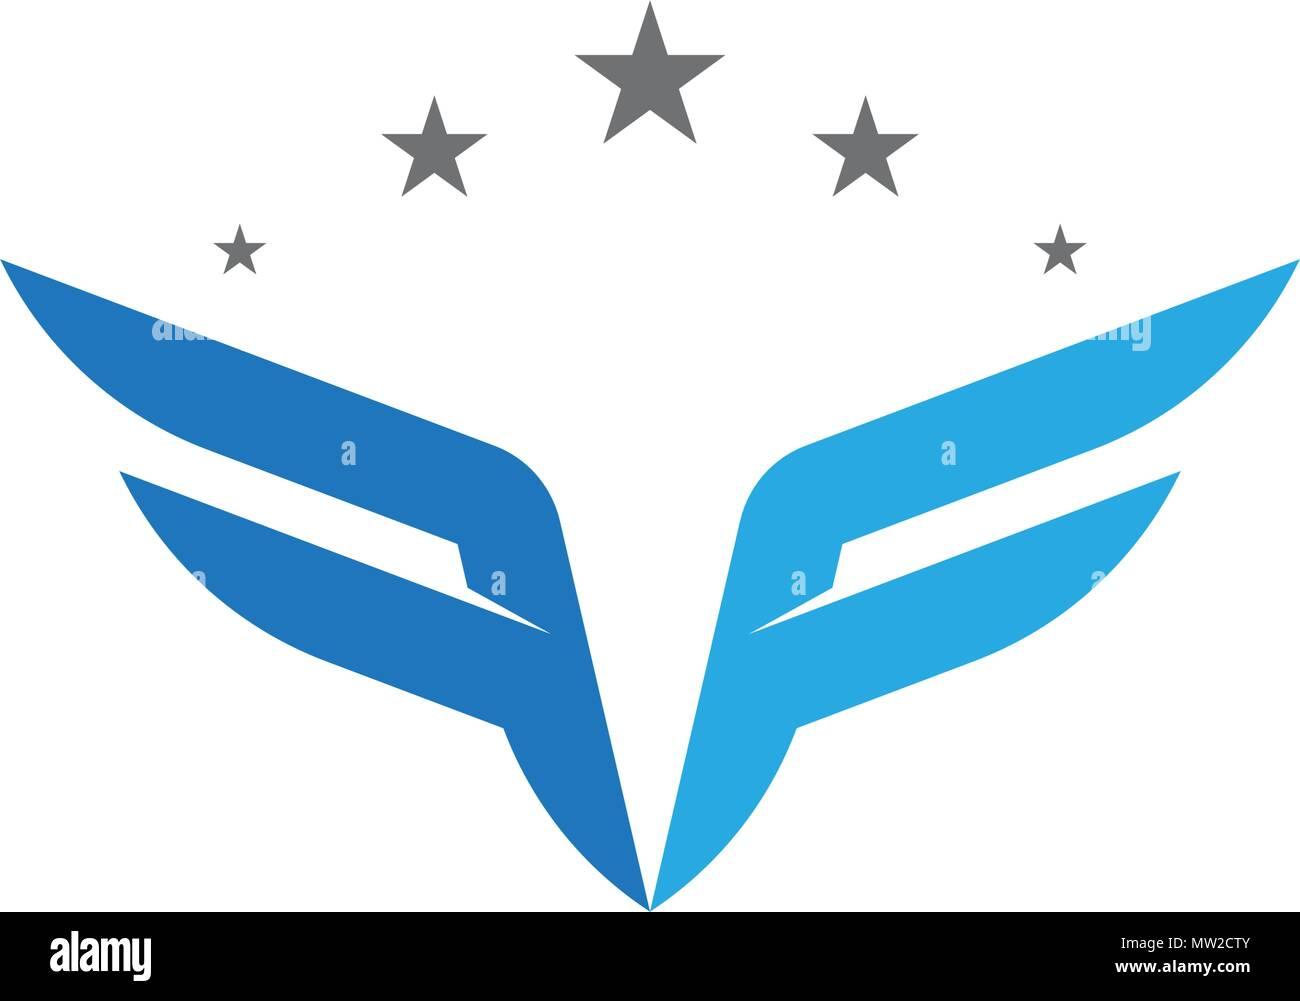 f letter wing logo template illustration design